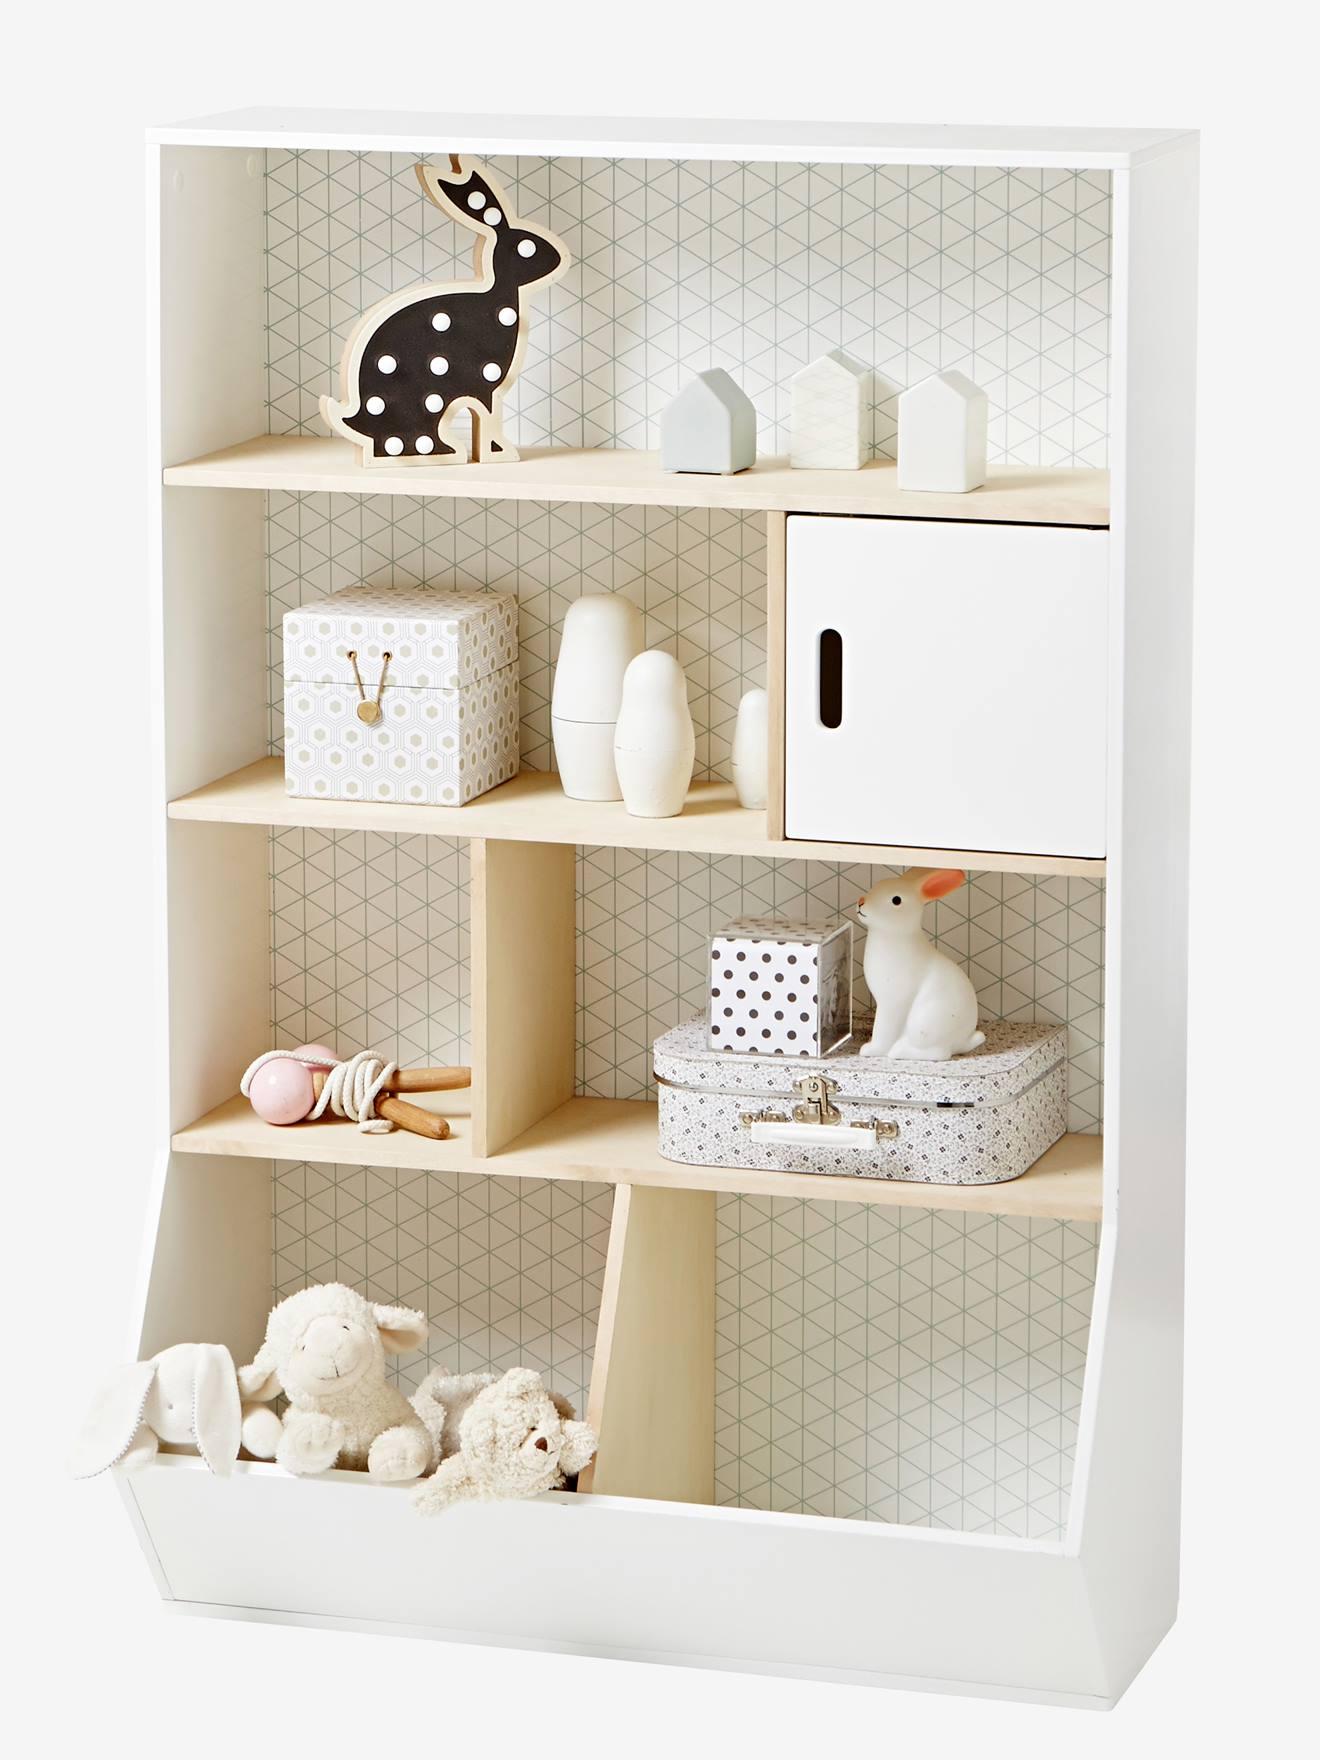 Full Size of Vertbaudet Regal Fr Kinderzimmer In Wei Natur Regale Sofa Weiß Kinderzimmer Bücherregal Kinderzimmer